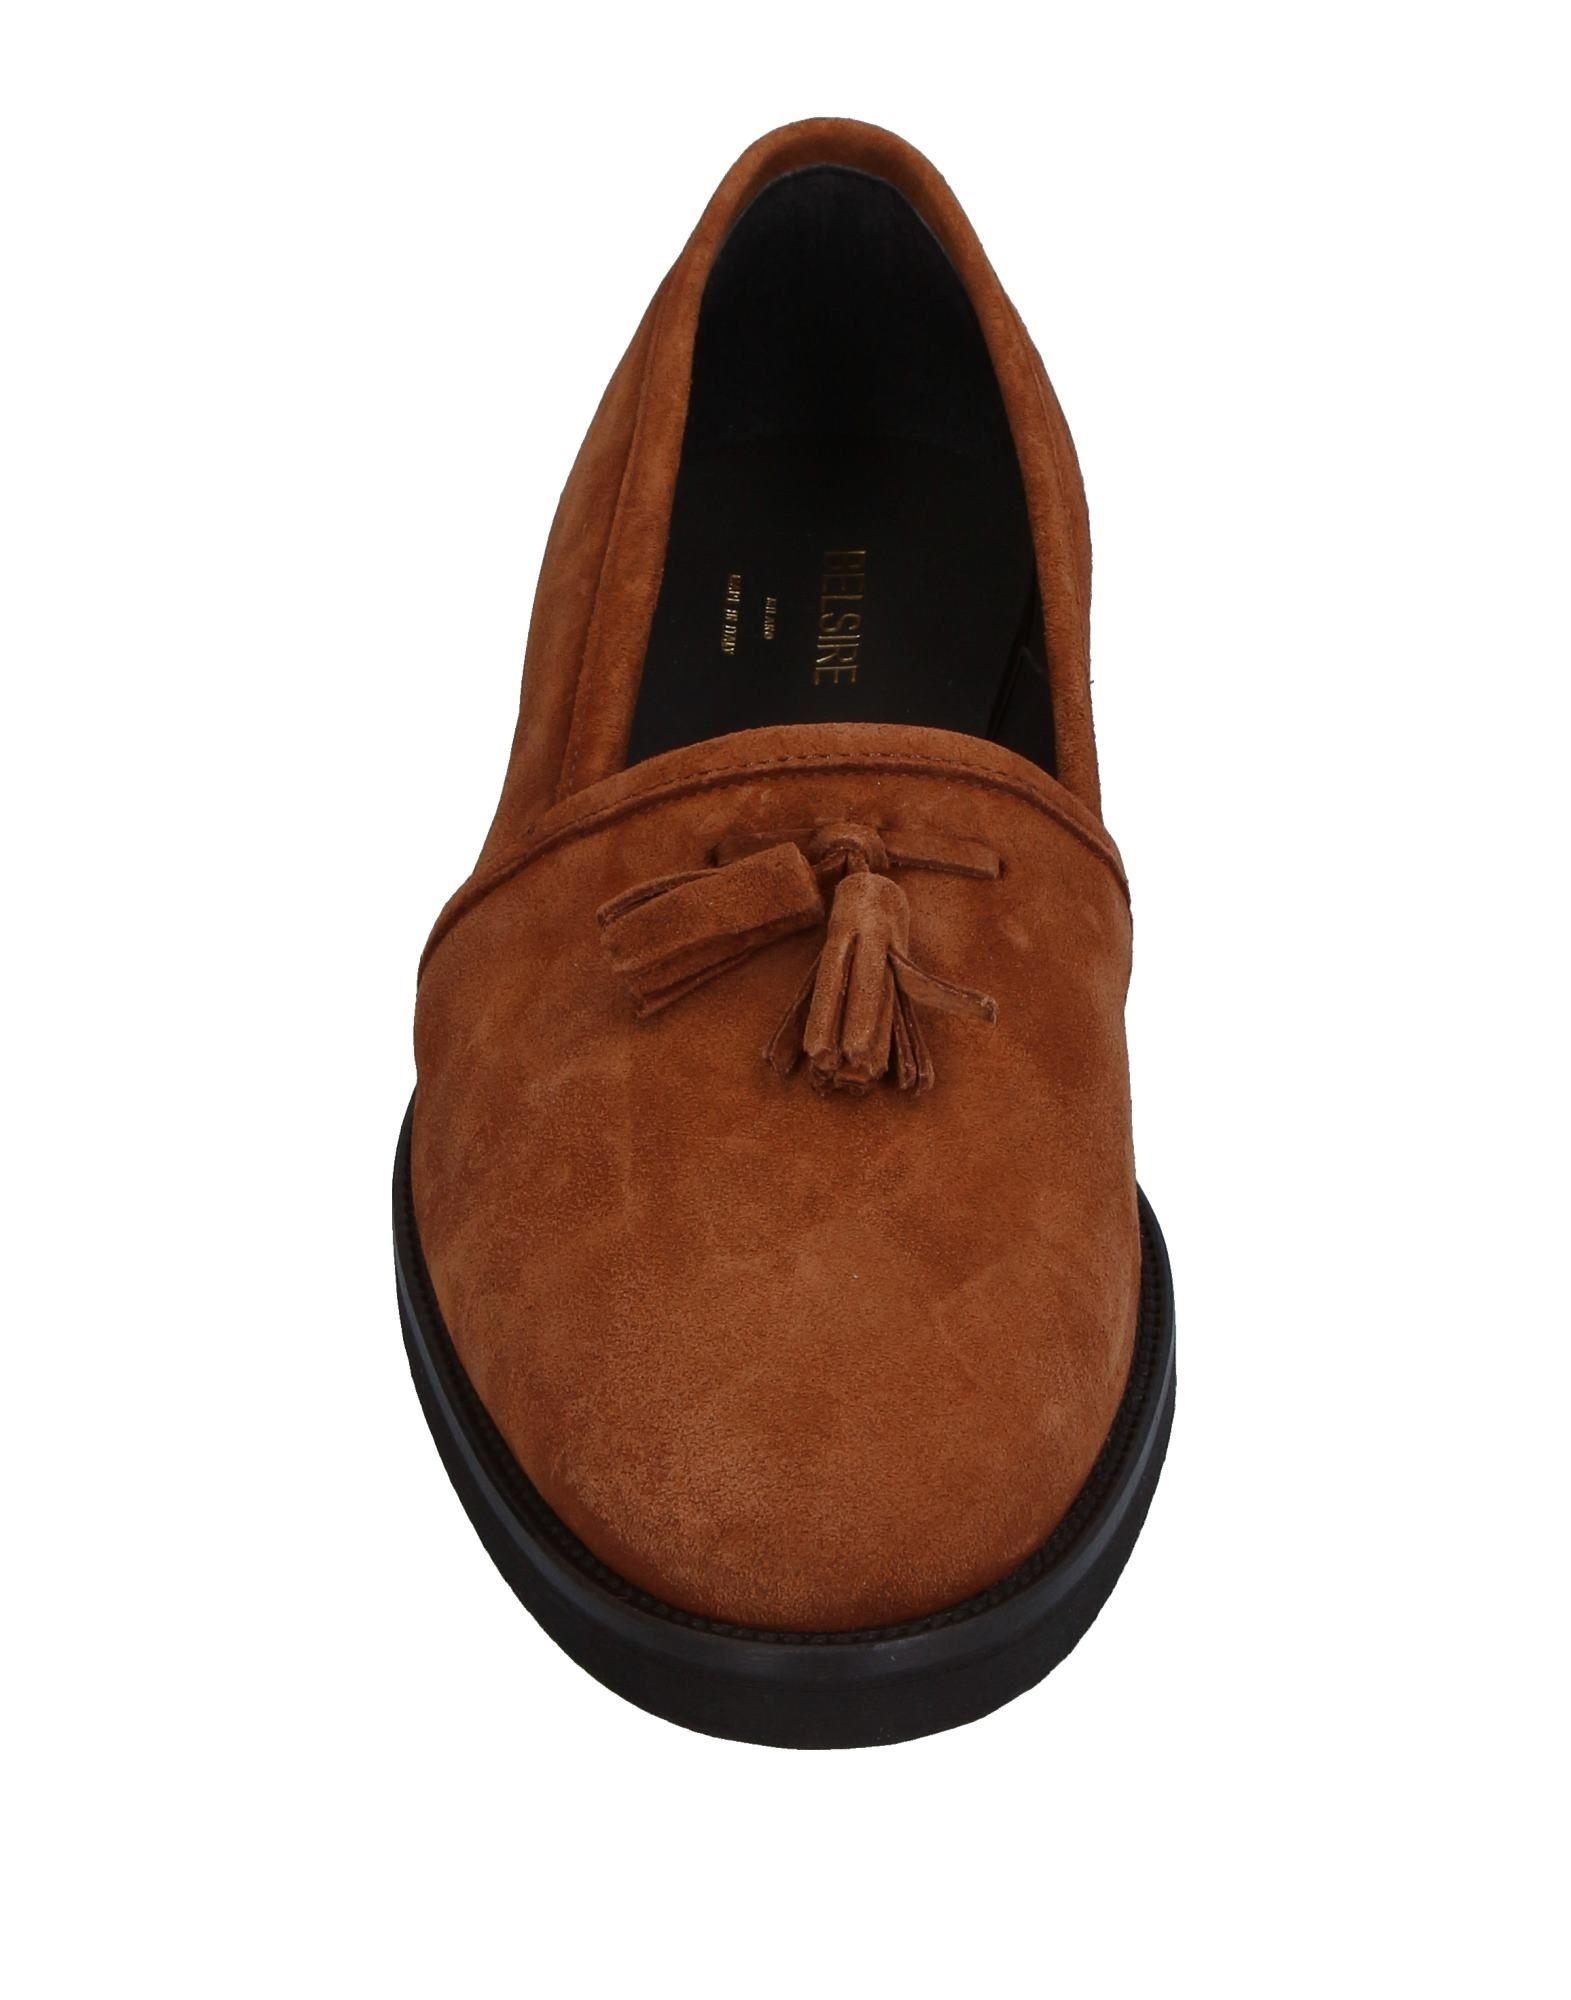 Belsire Loafers - Men Belsire Loafers online on  Australia Australia Australia - 11338697XK 4b6292